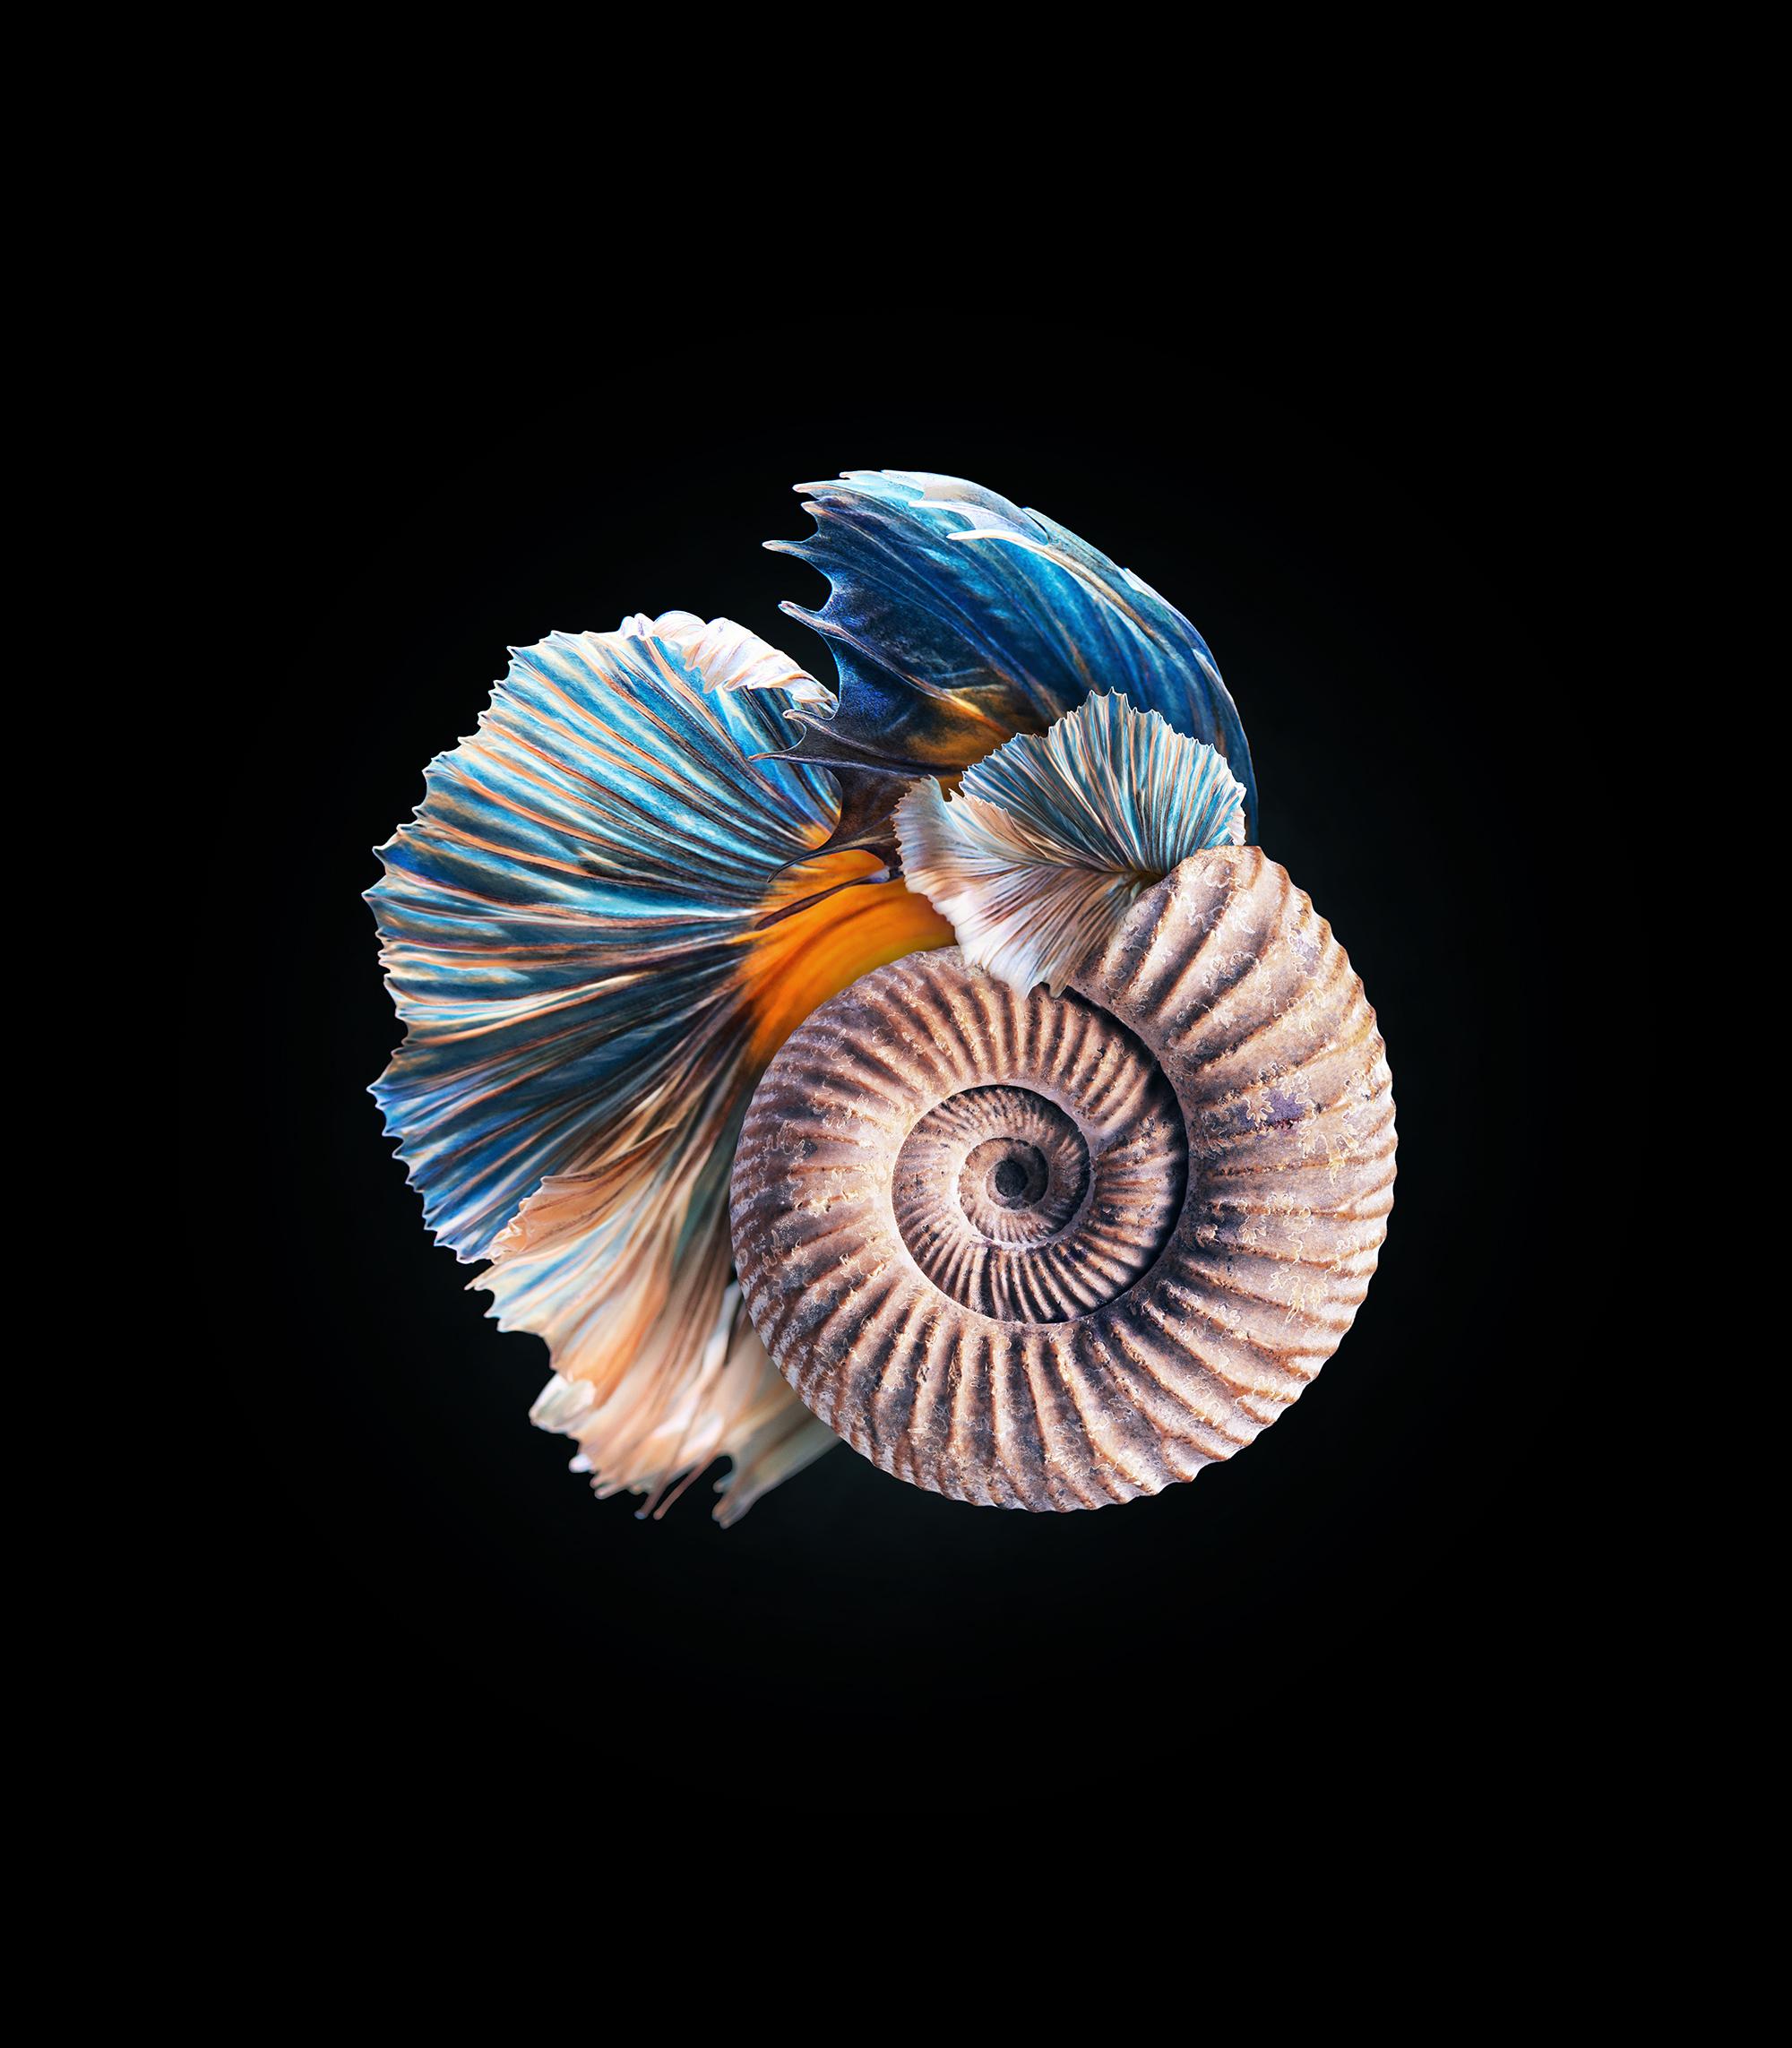 Mandatum_ammonite